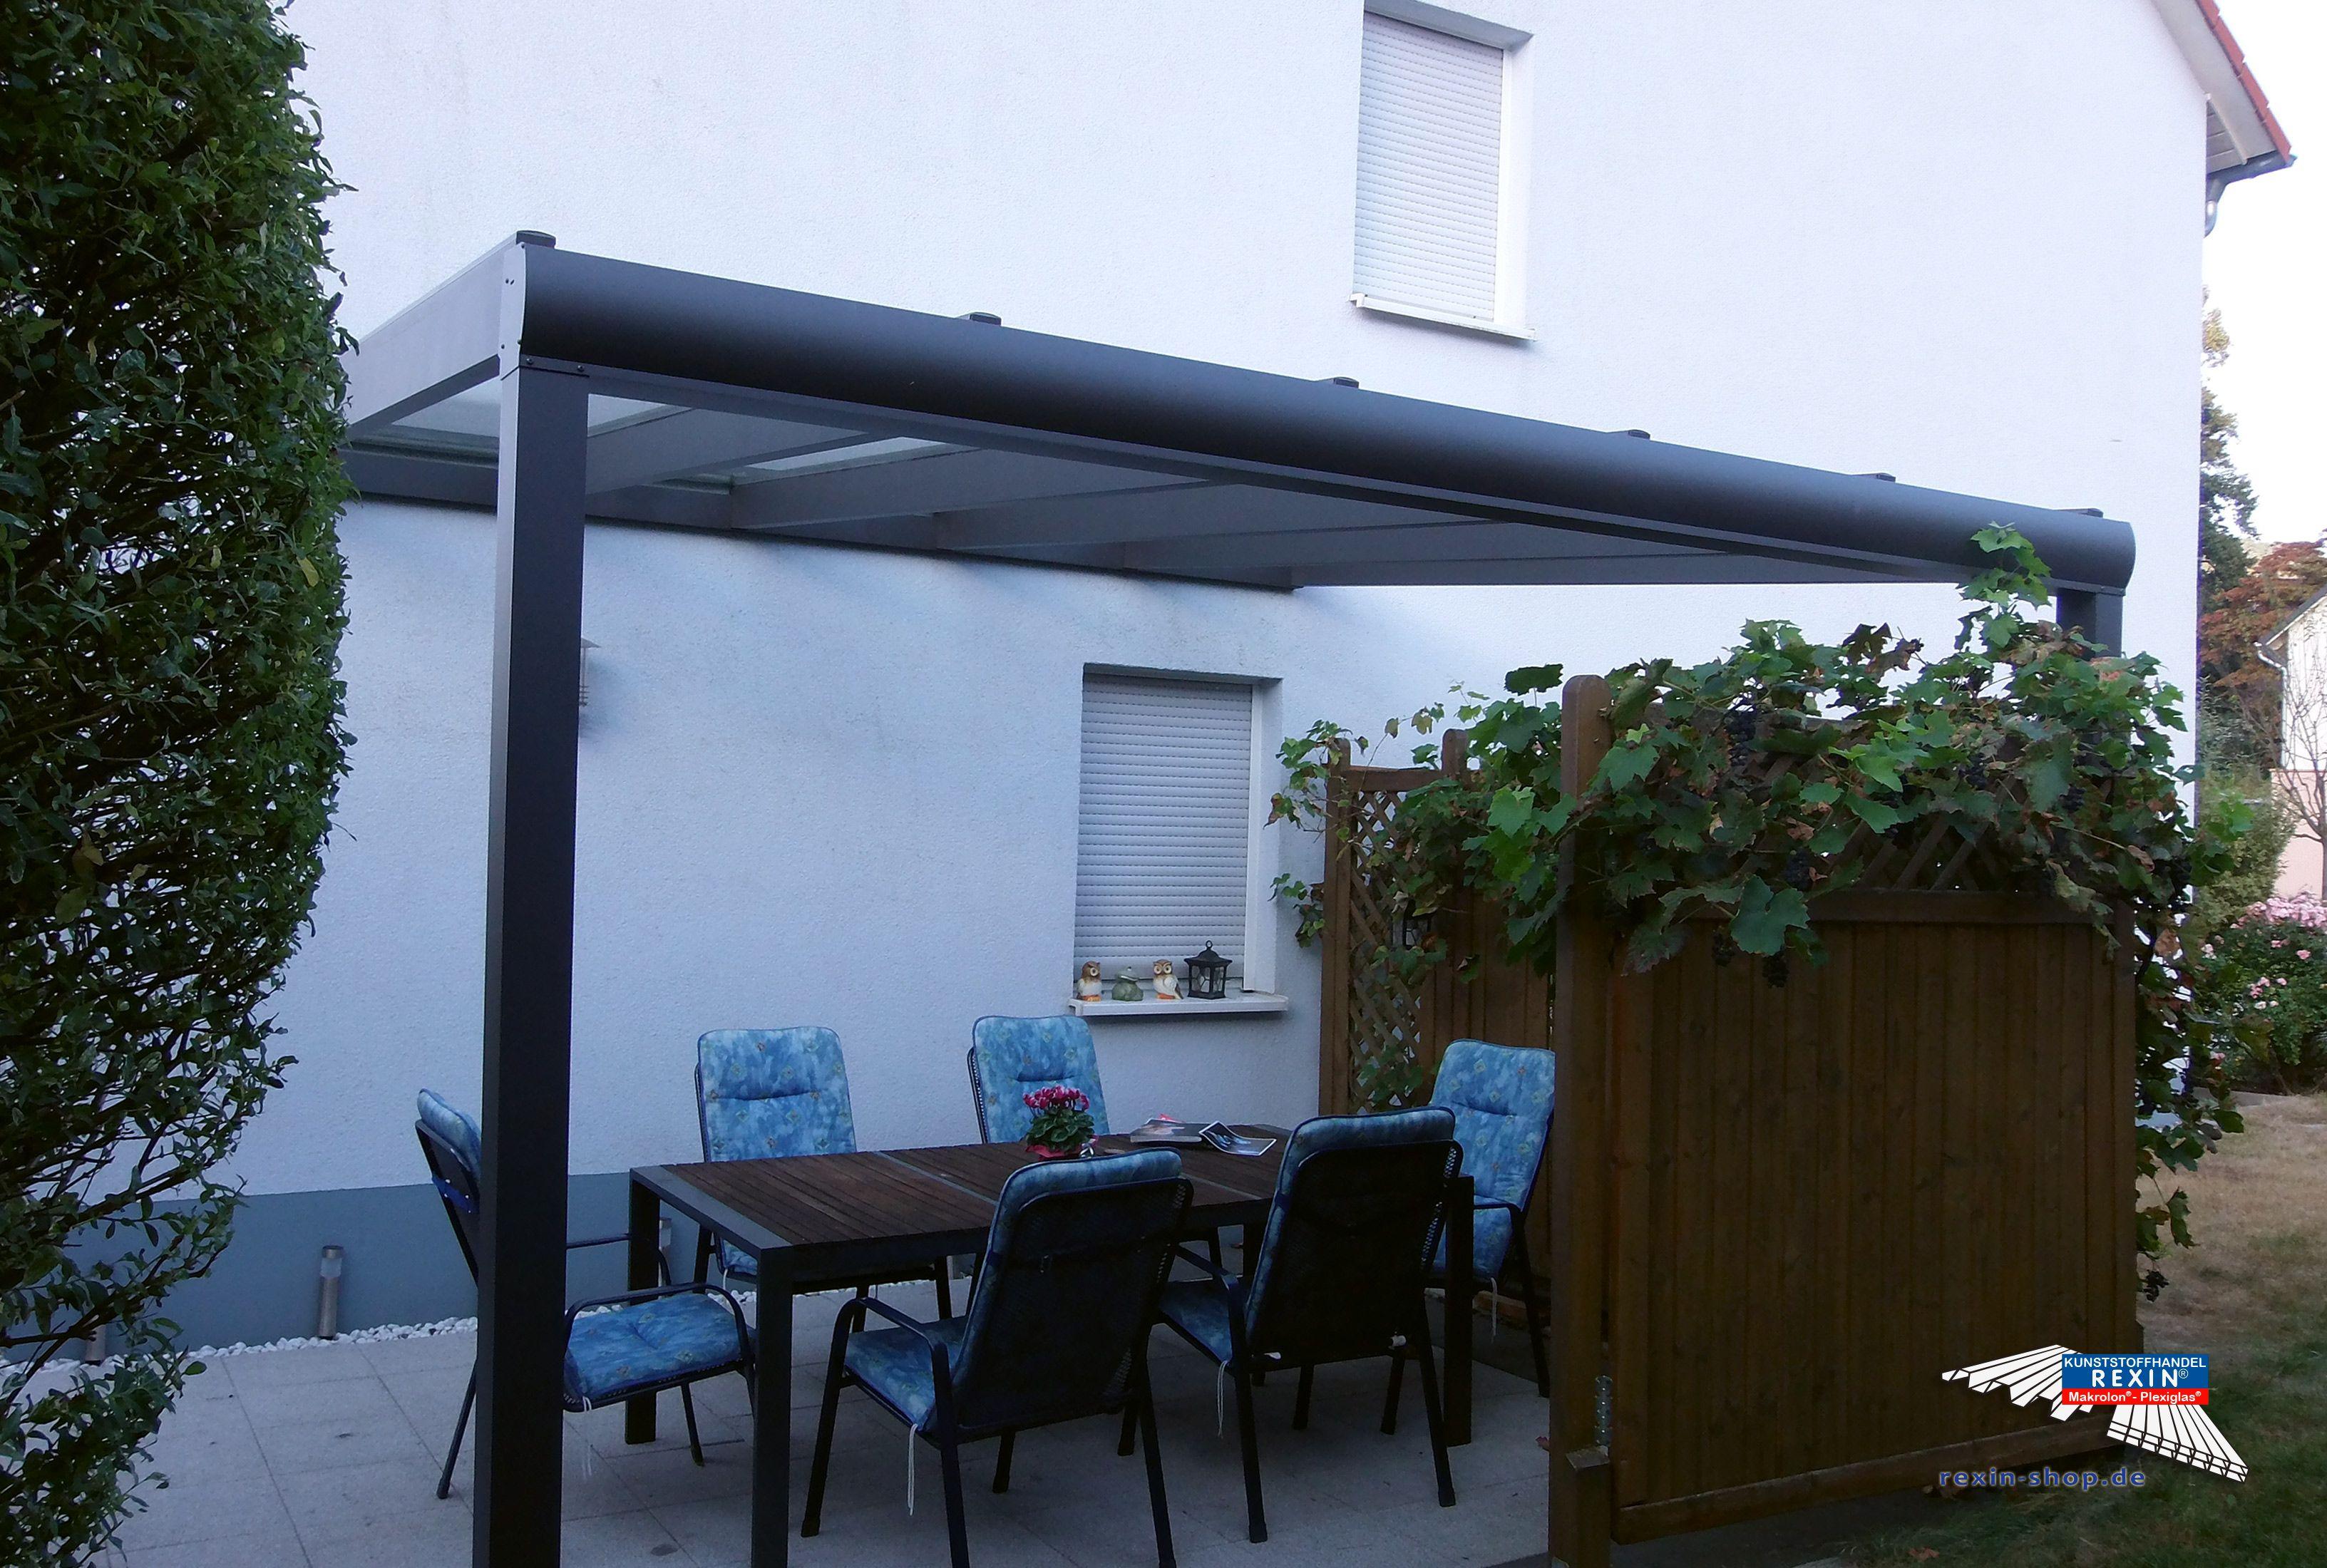 463c76e32727c10073851fb1b4003787 Incroyable De Deco Pour Terrasse Schème